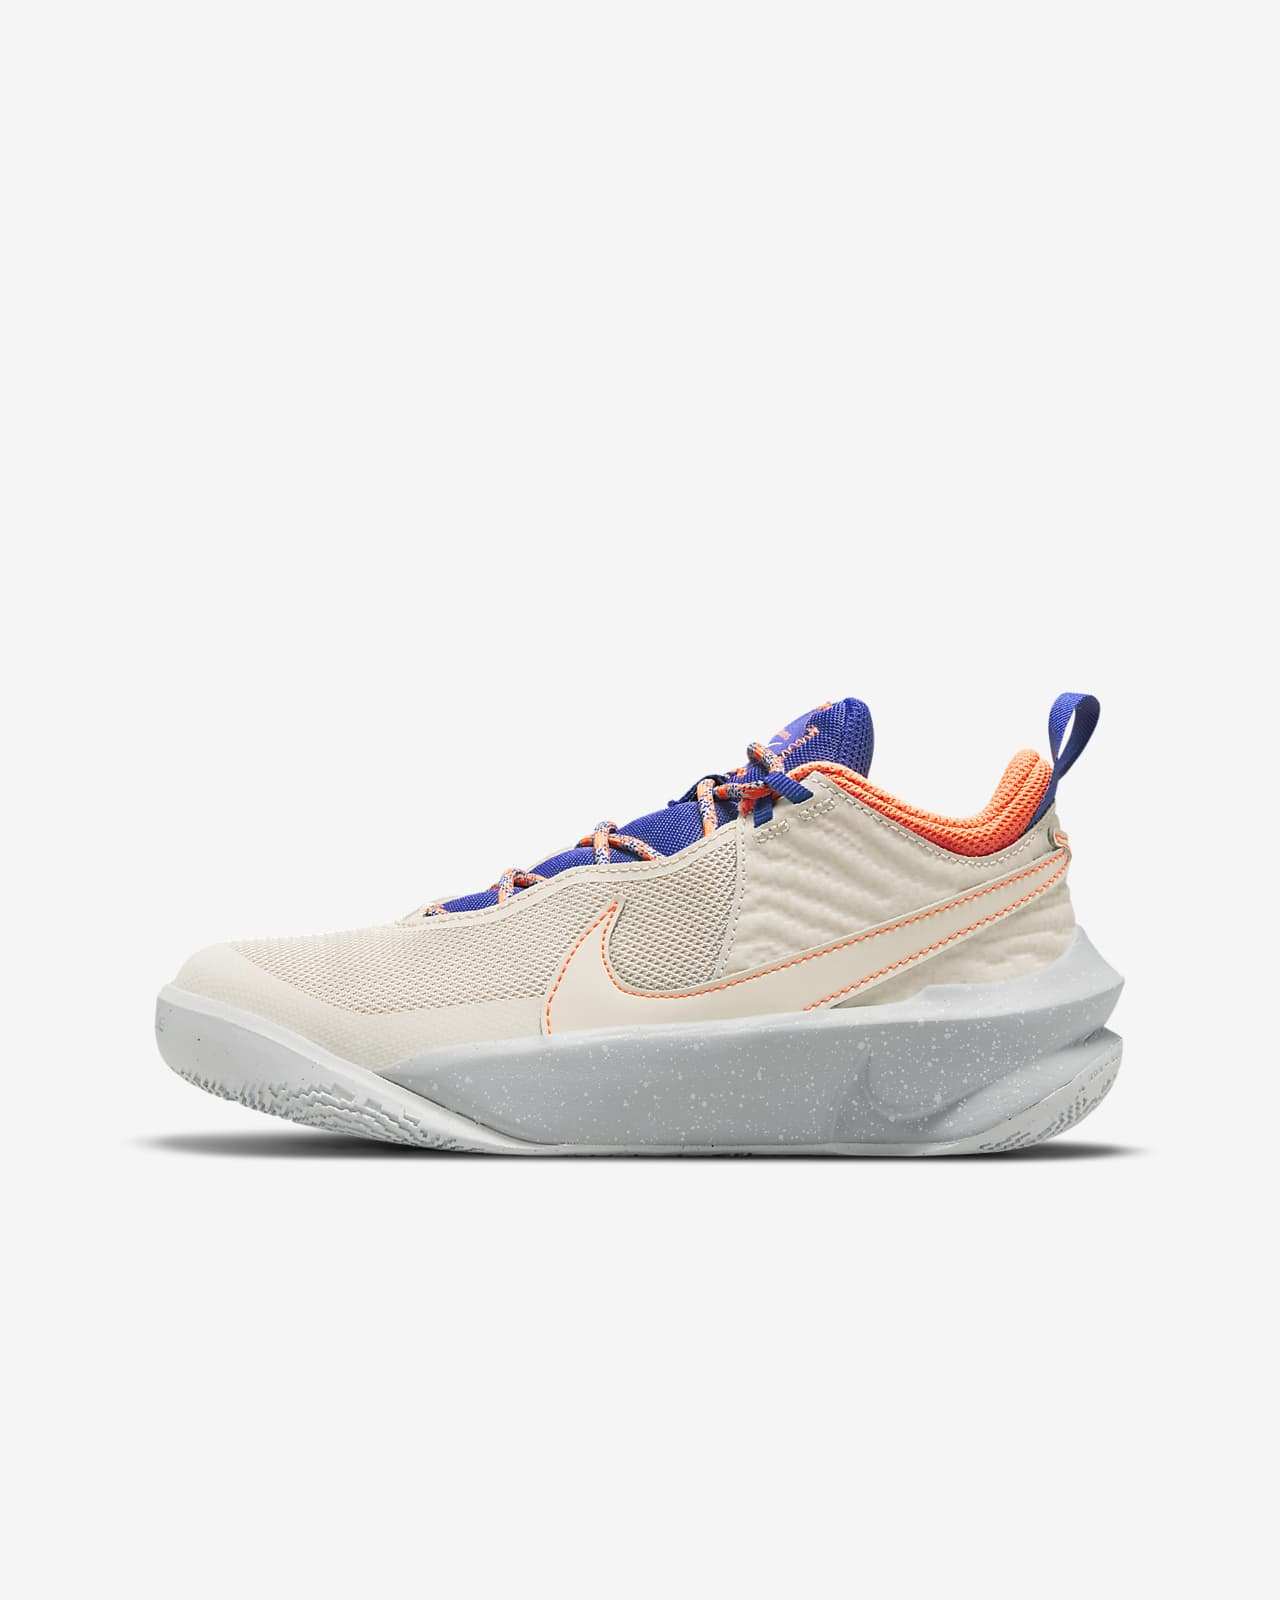 Nike Team Hustle D 10 SE 大童籃球鞋